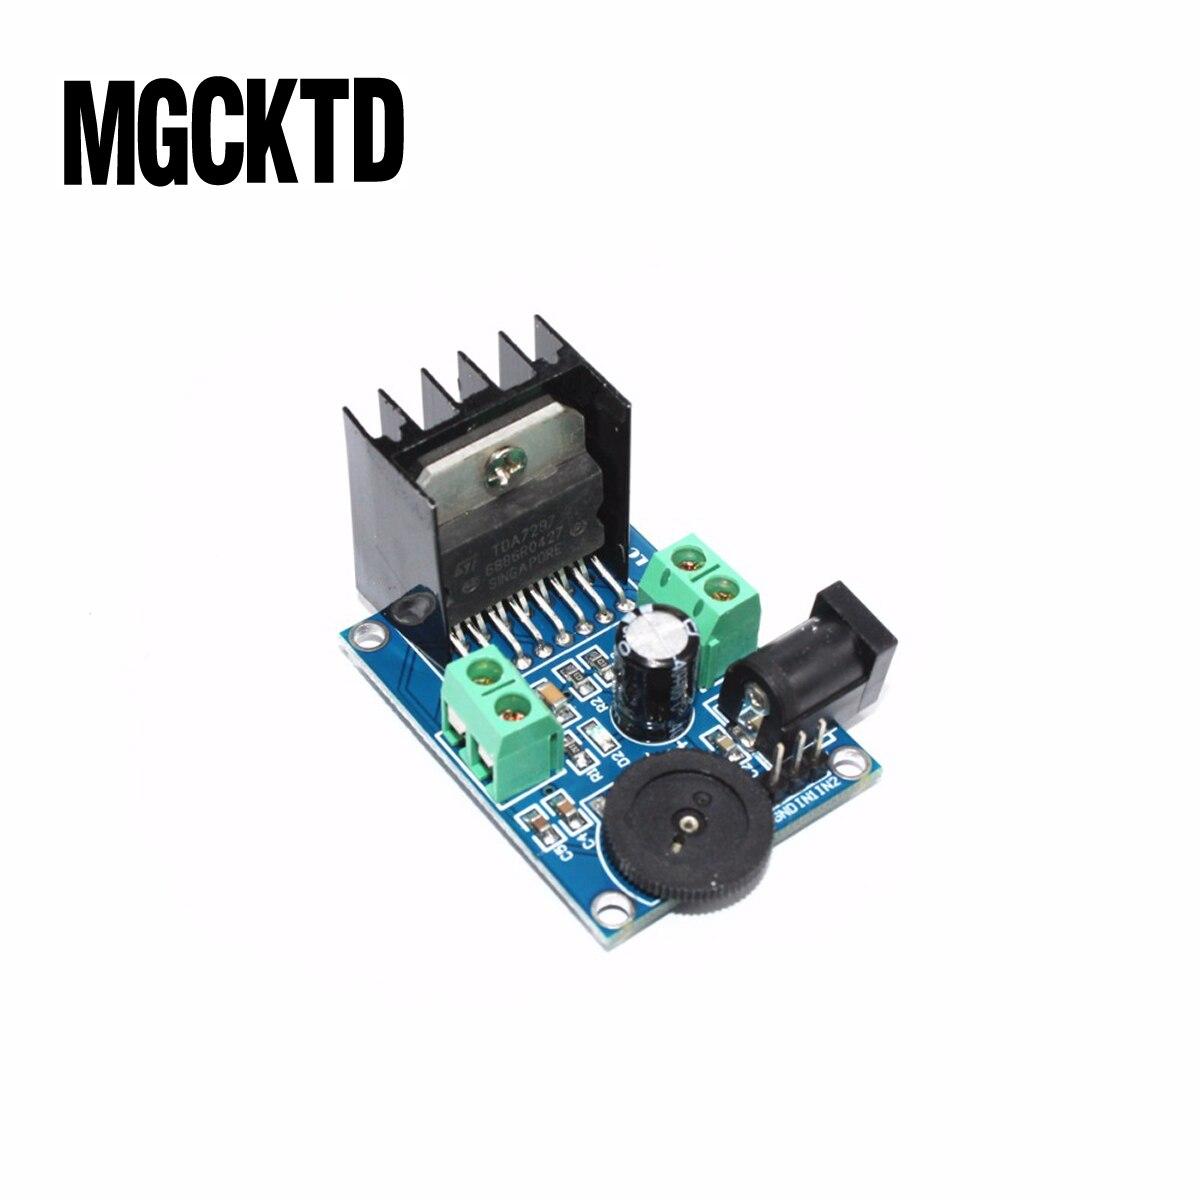 2T920B  KT920B 10W NPN Russian Microwave RF HF Transistor  NEW NOS LOT OF 10pcs.